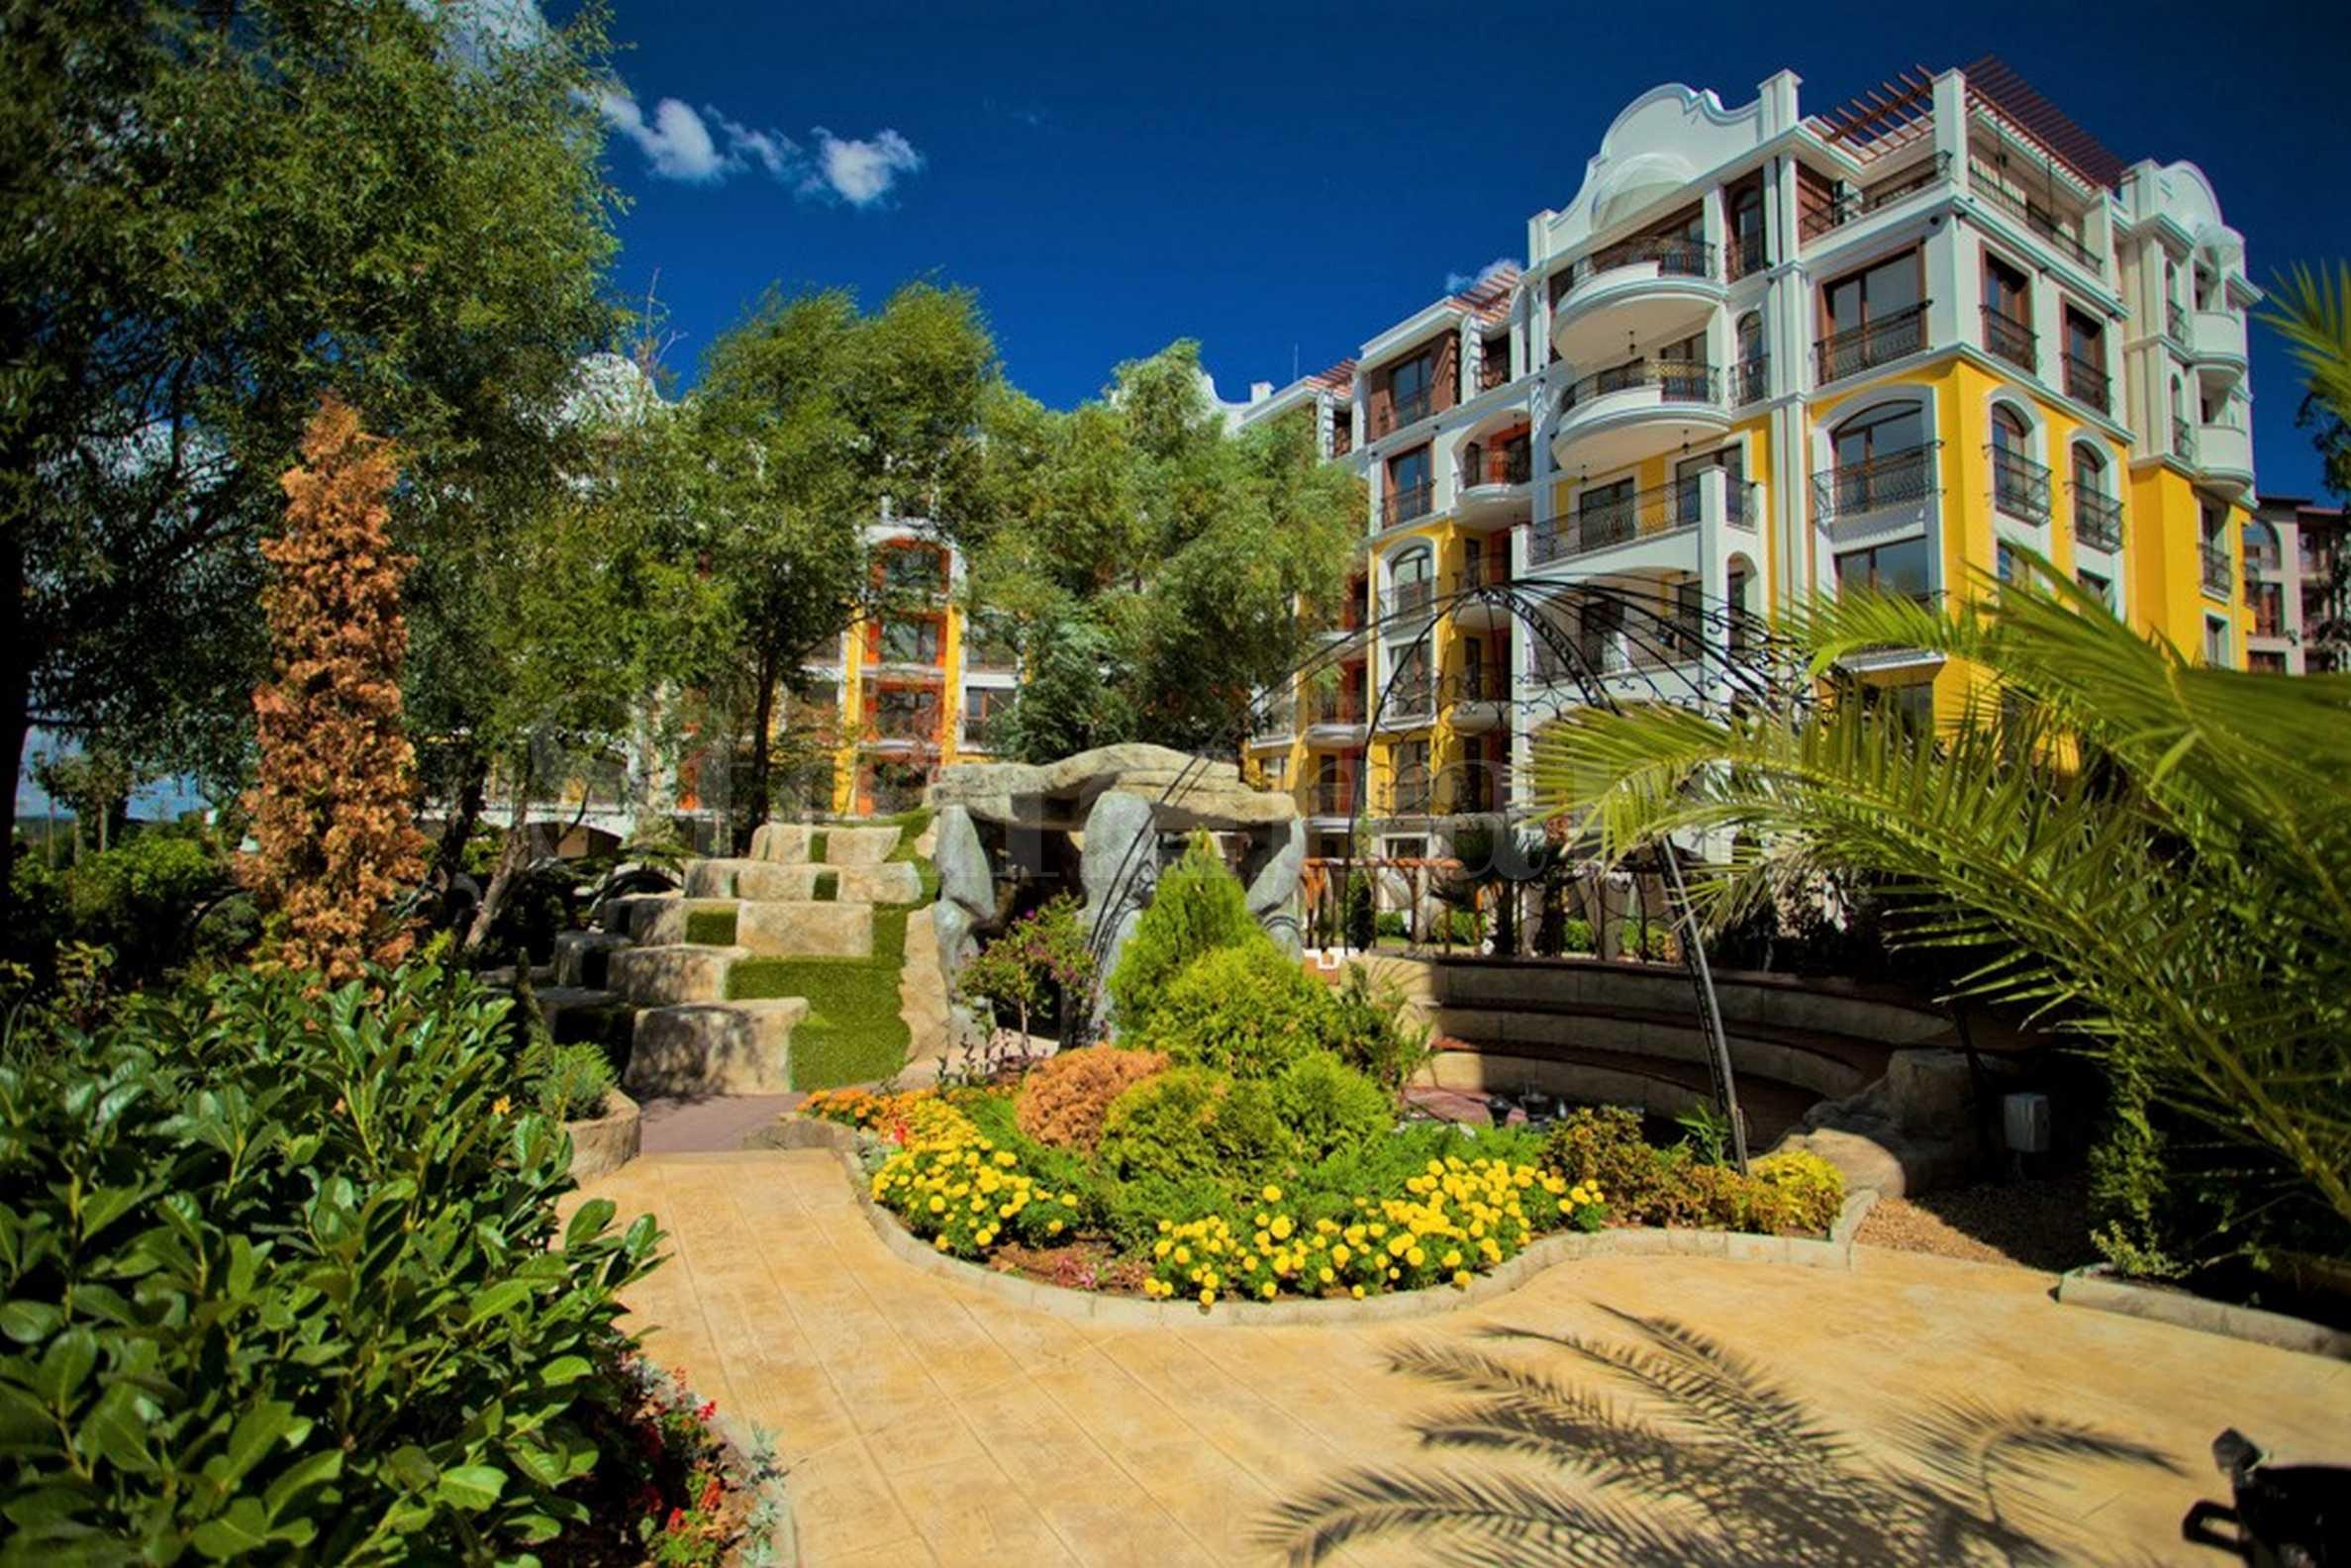 Апартаменти в елитен комплекс със съвършена градина без аналог 1 - Stonehard